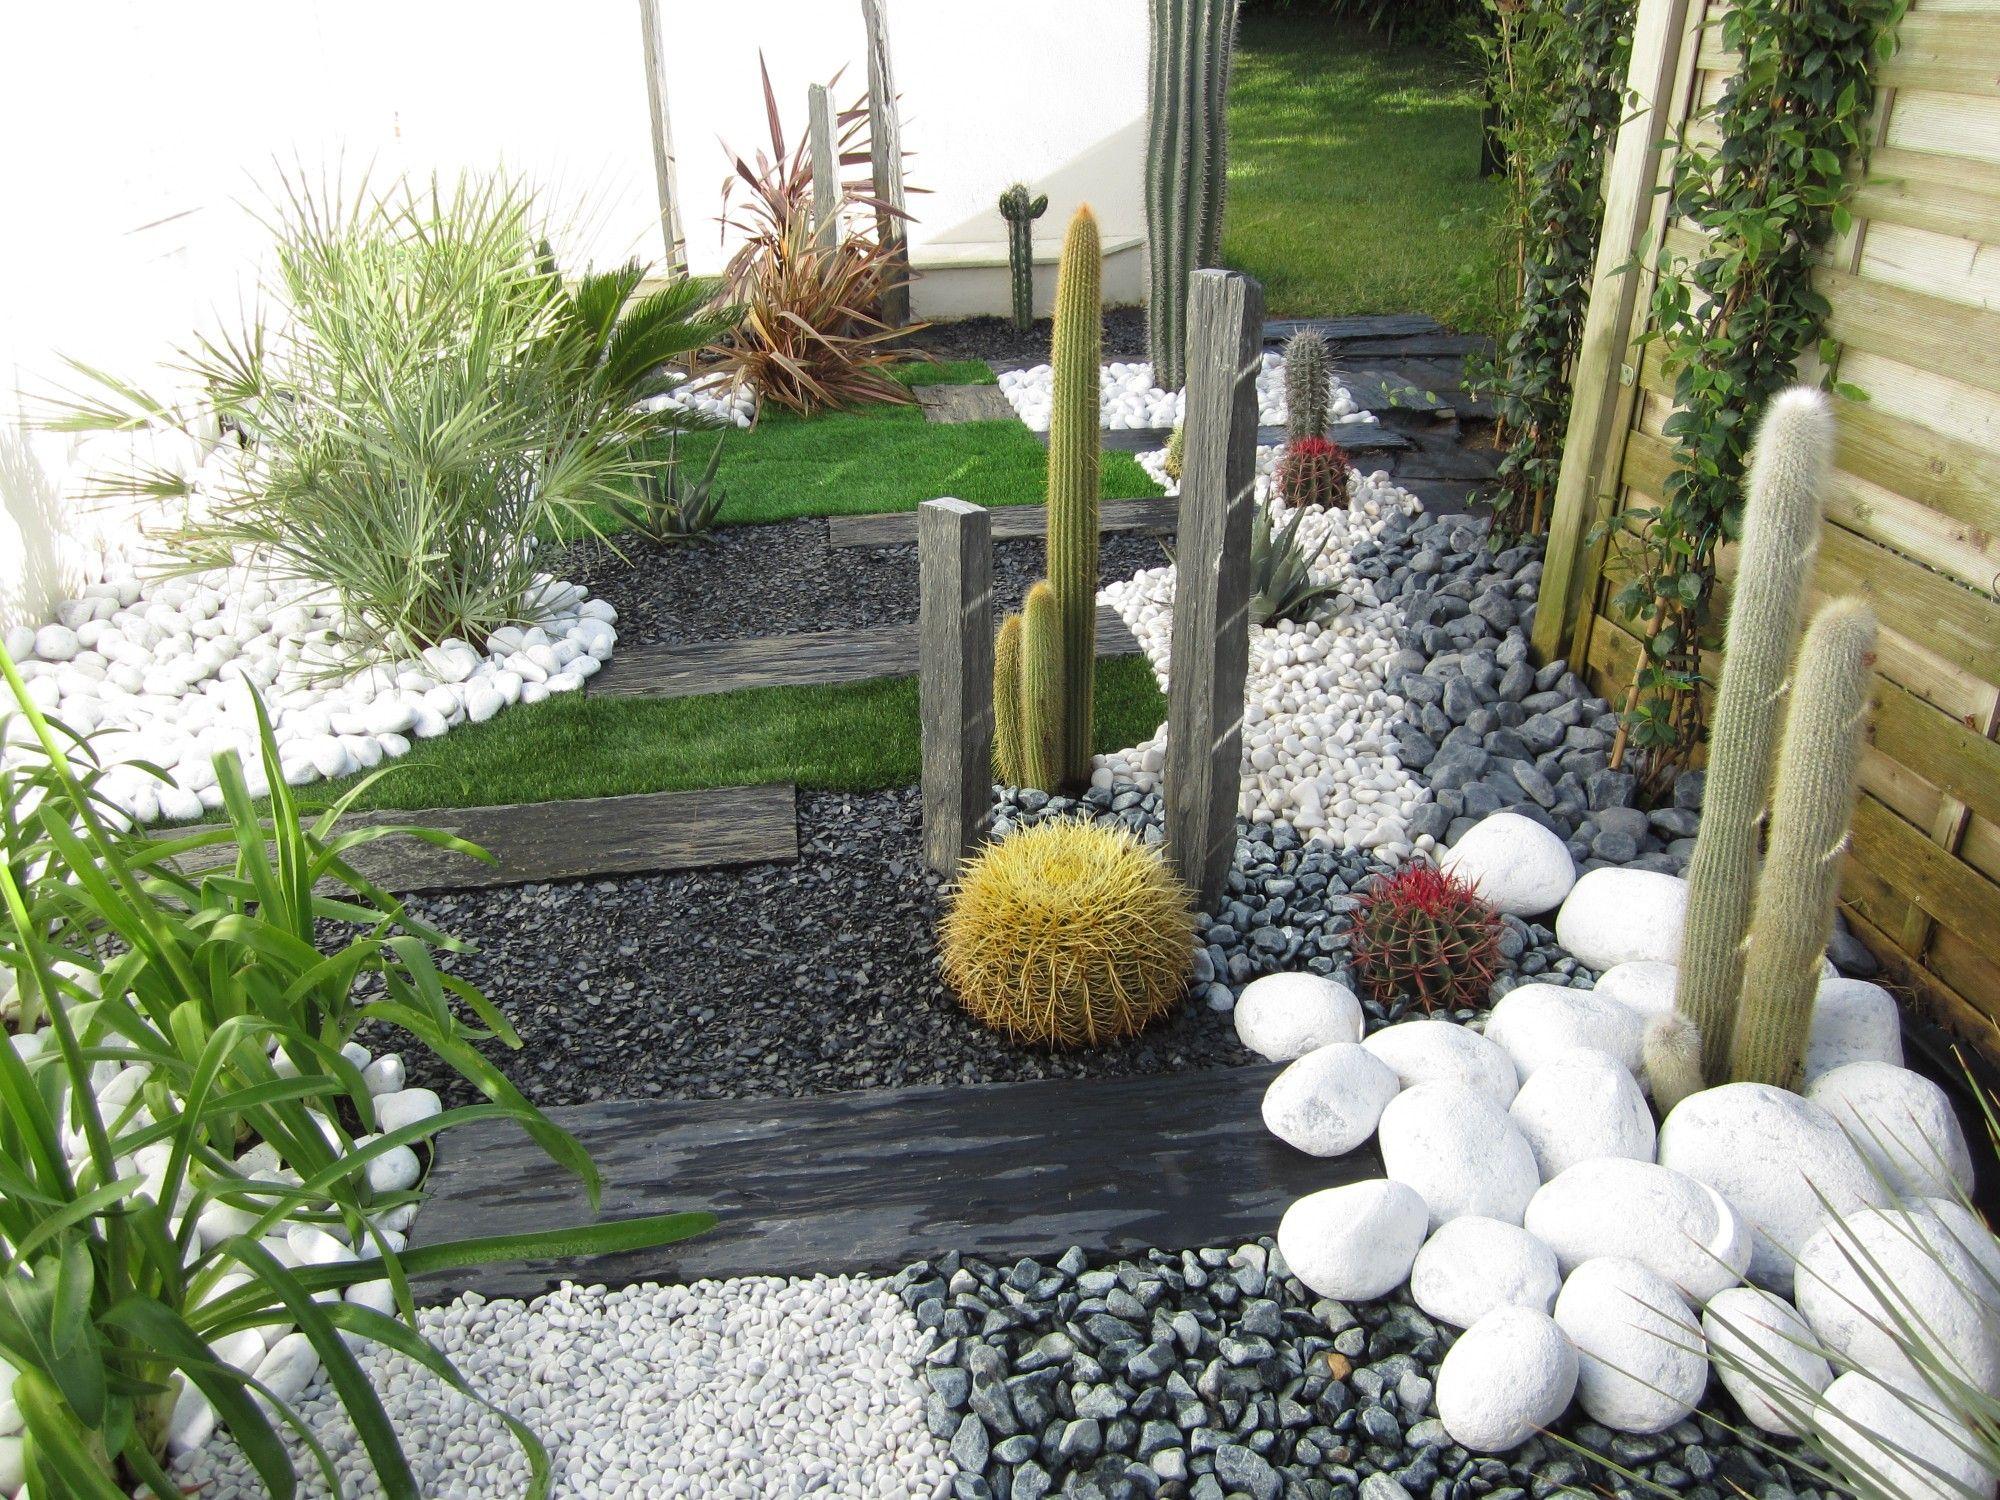 Jardin Sec: Cactus, Galets Polis Blancs, Gazon Synthétique ... concernant Jardin Avec Galets Blancs